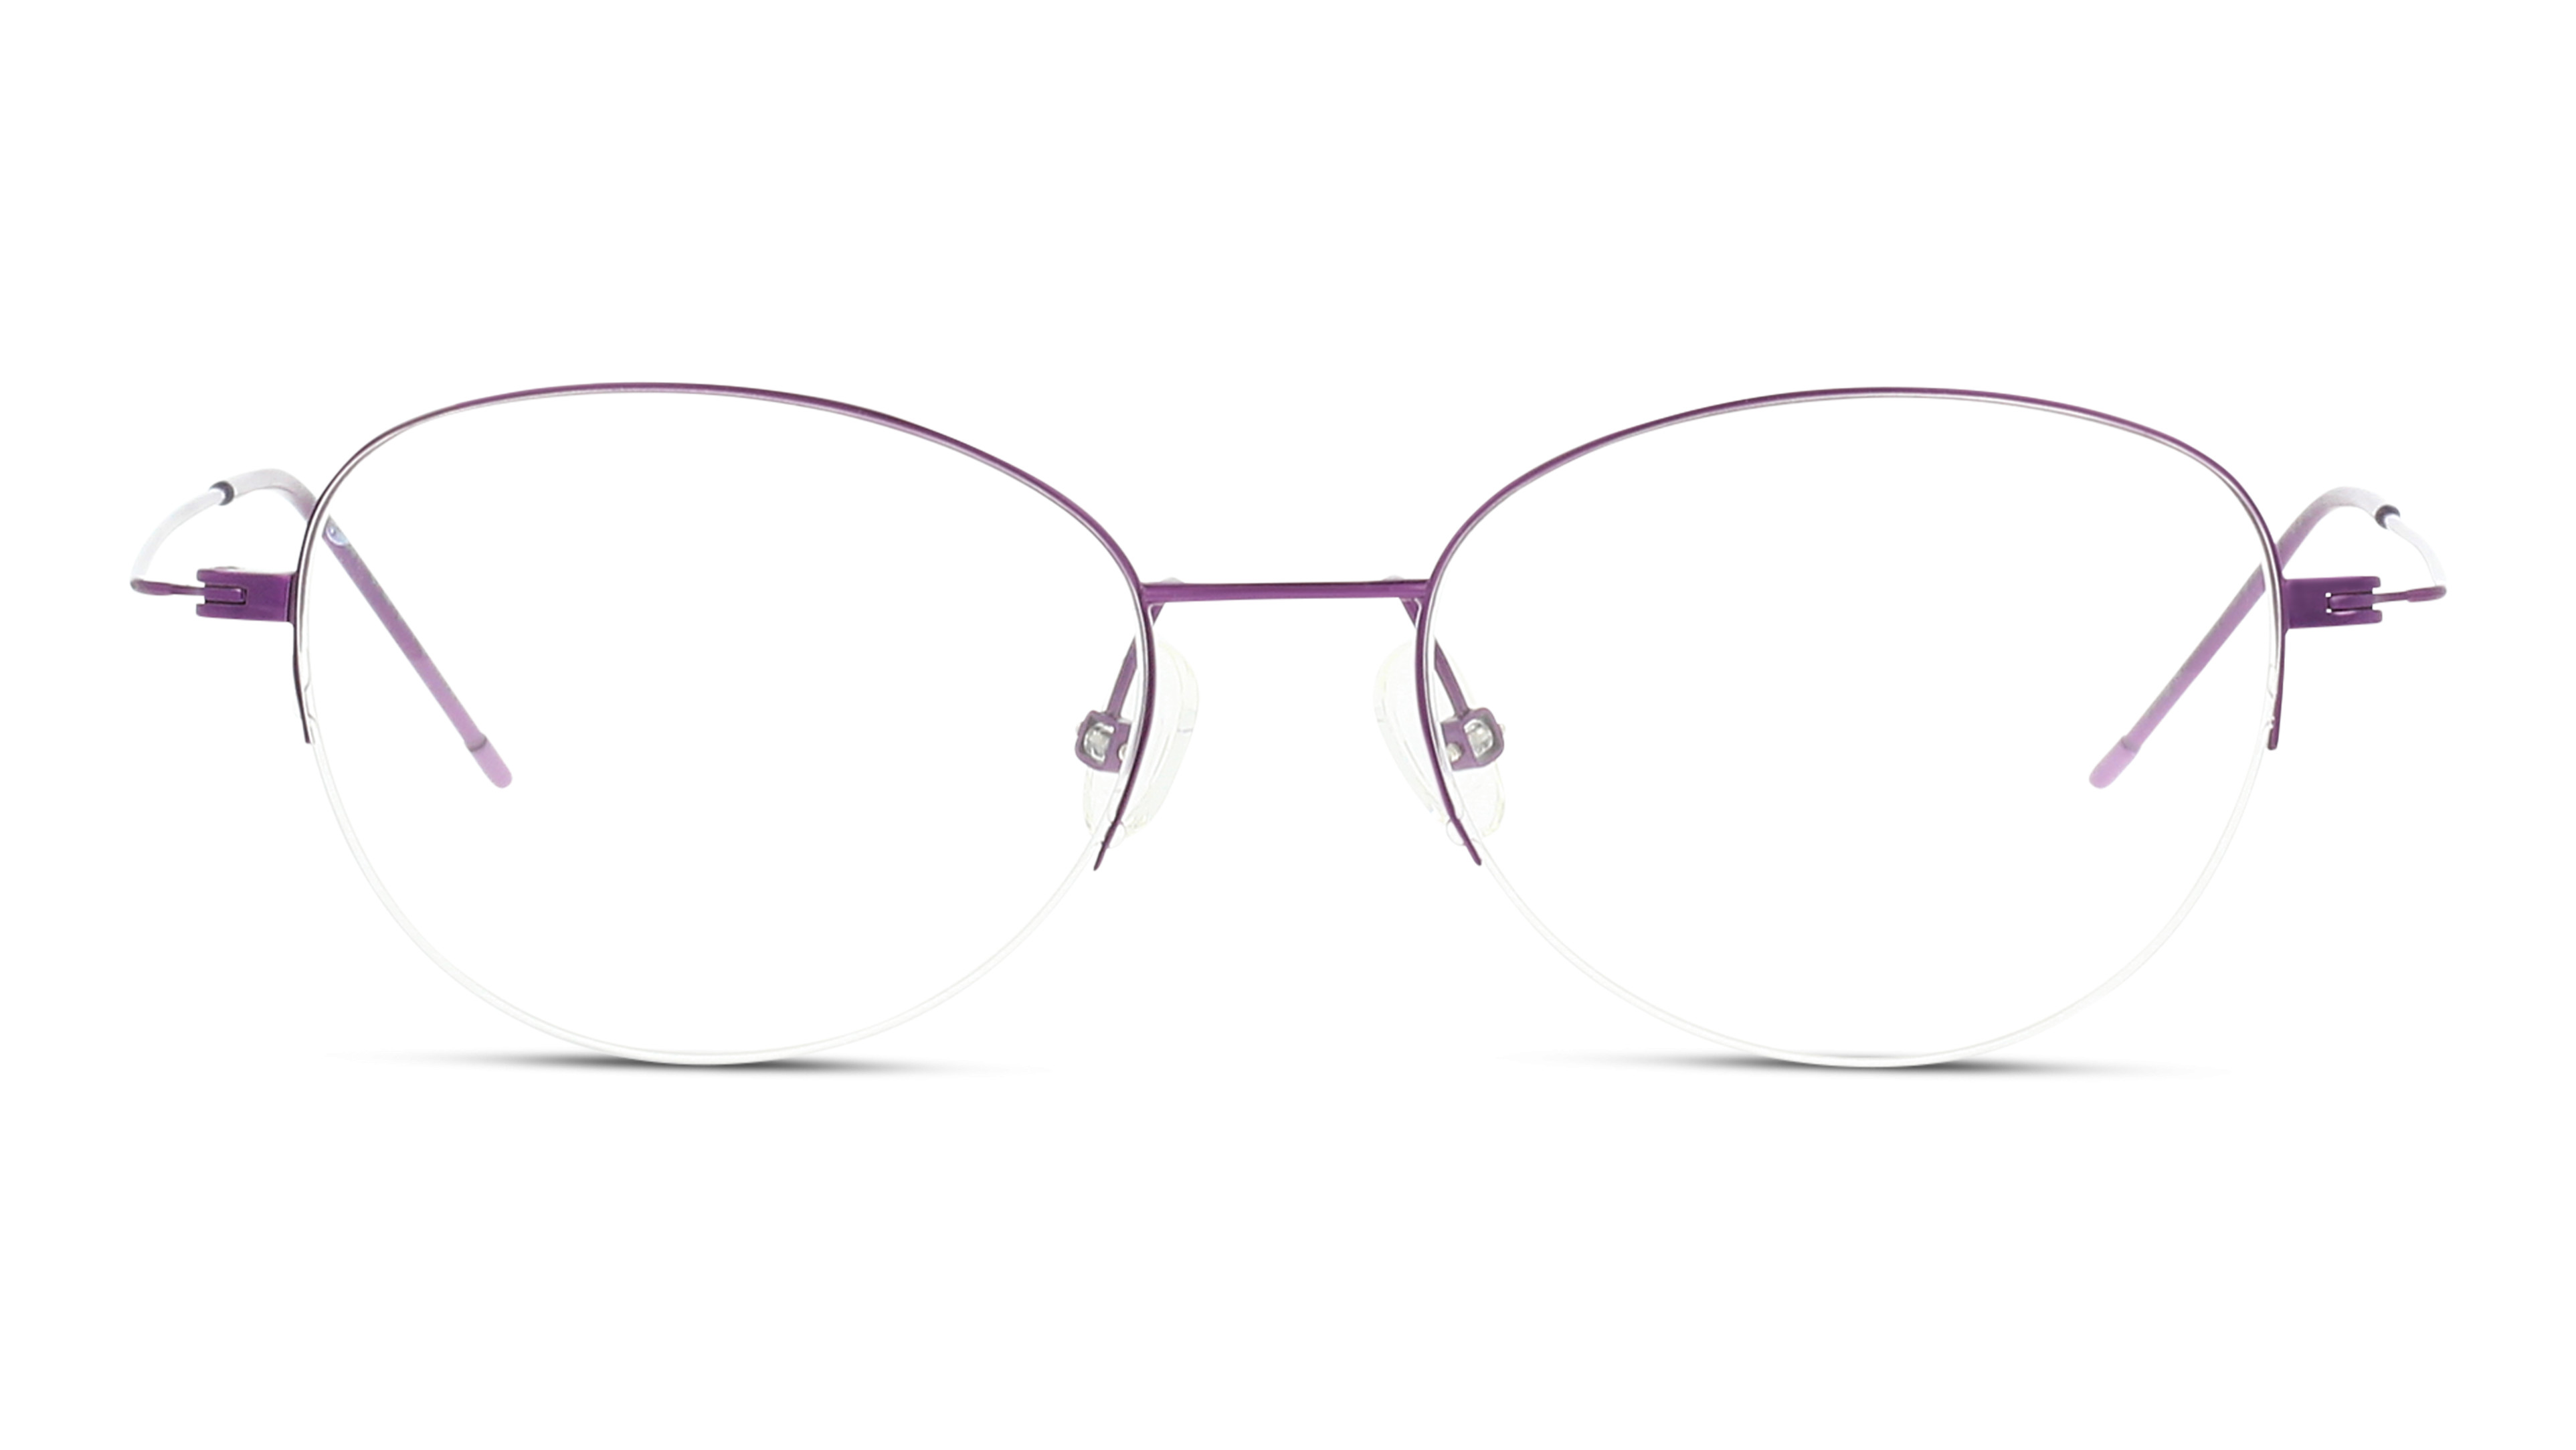 8719154619670-front-01-light-fly-lfjf10-Eyewear-violet-violet